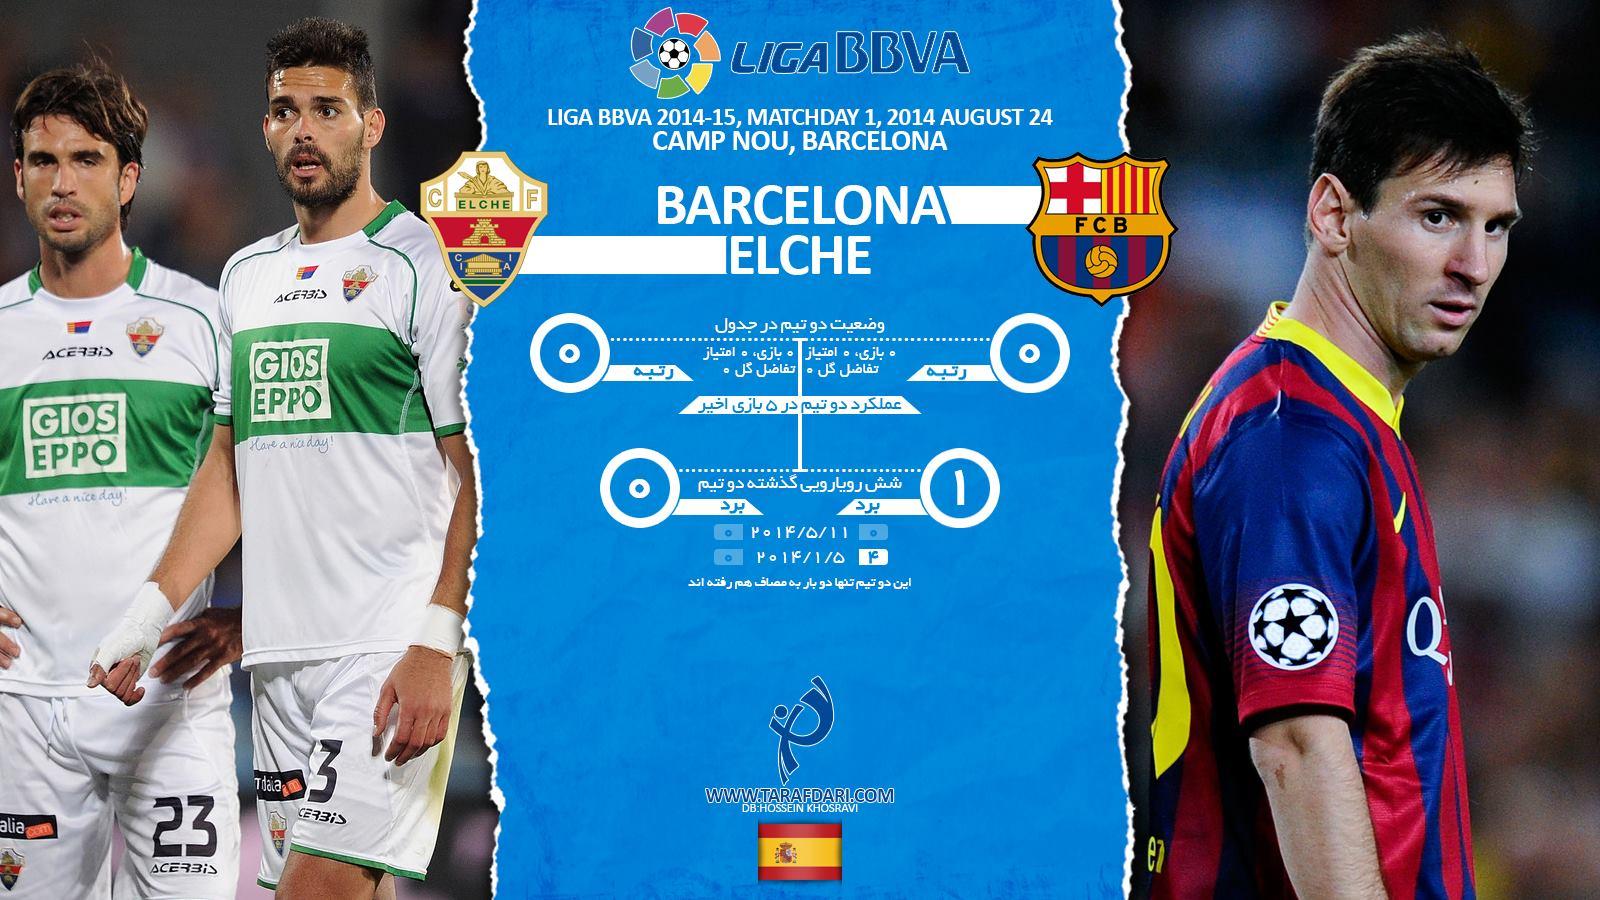 پیش بازی: بارسلونا-الچه؛ یک تیم داخل، یک تیم غایب